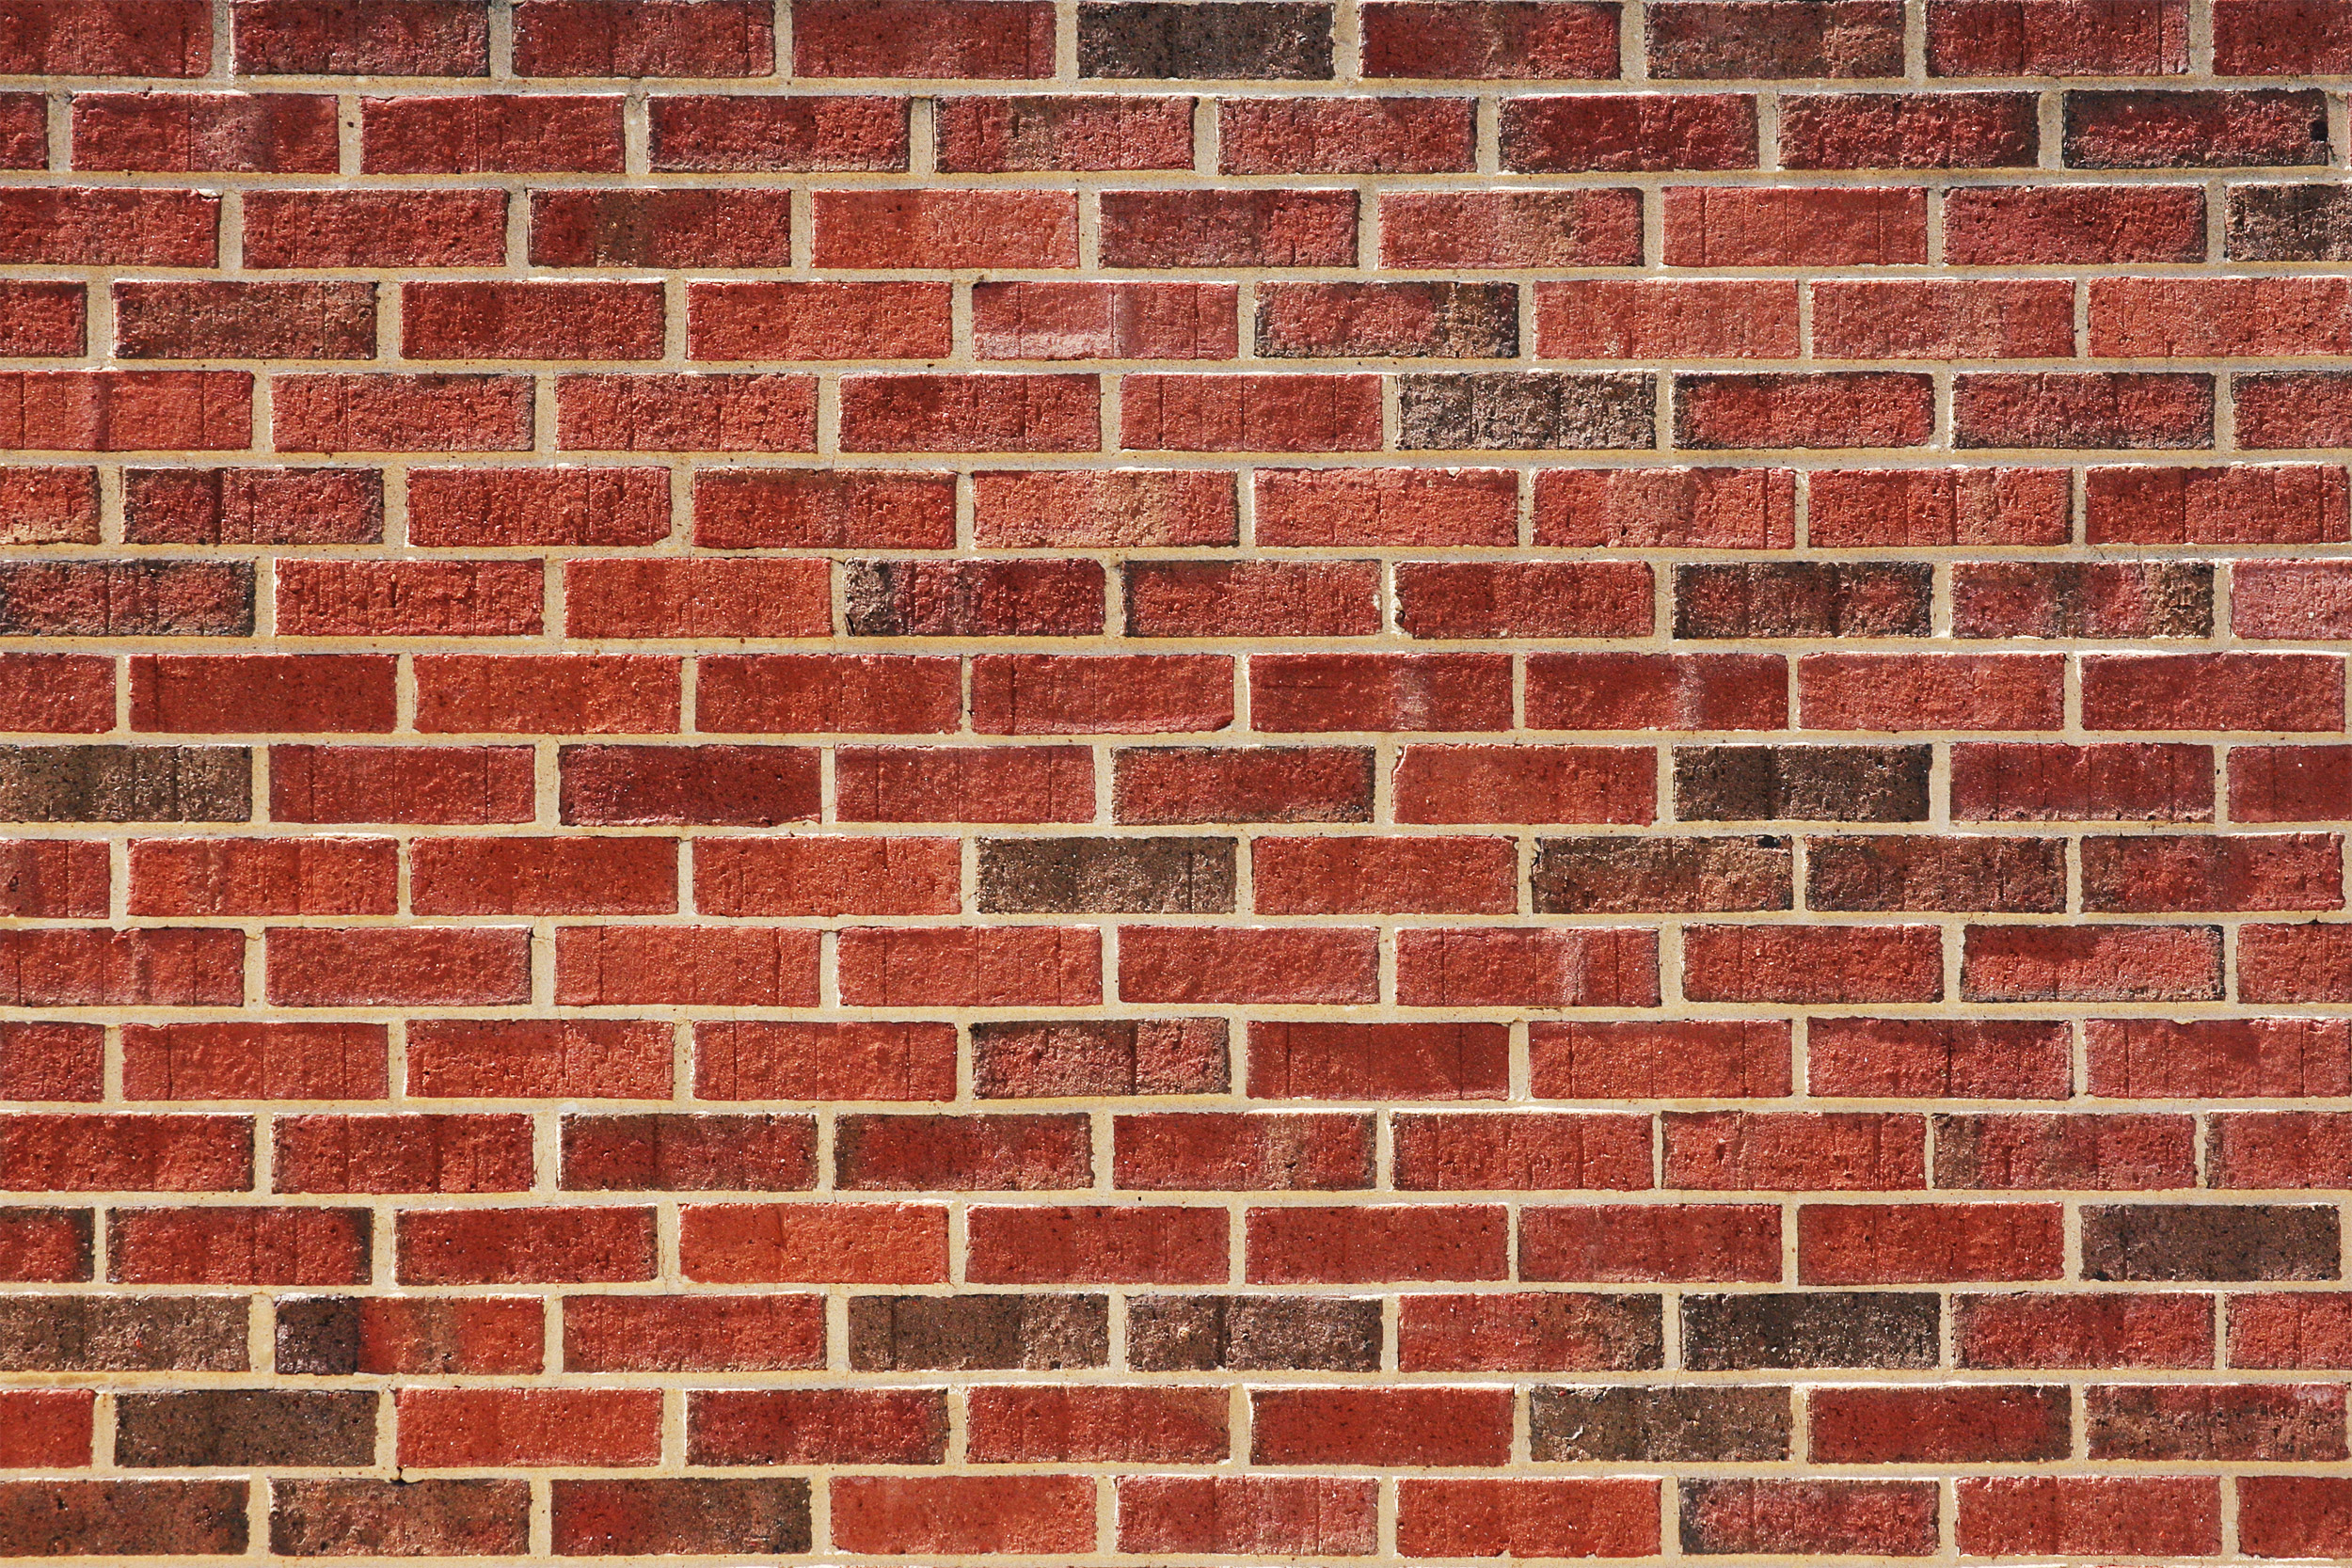 brick-wall-free-textures-01